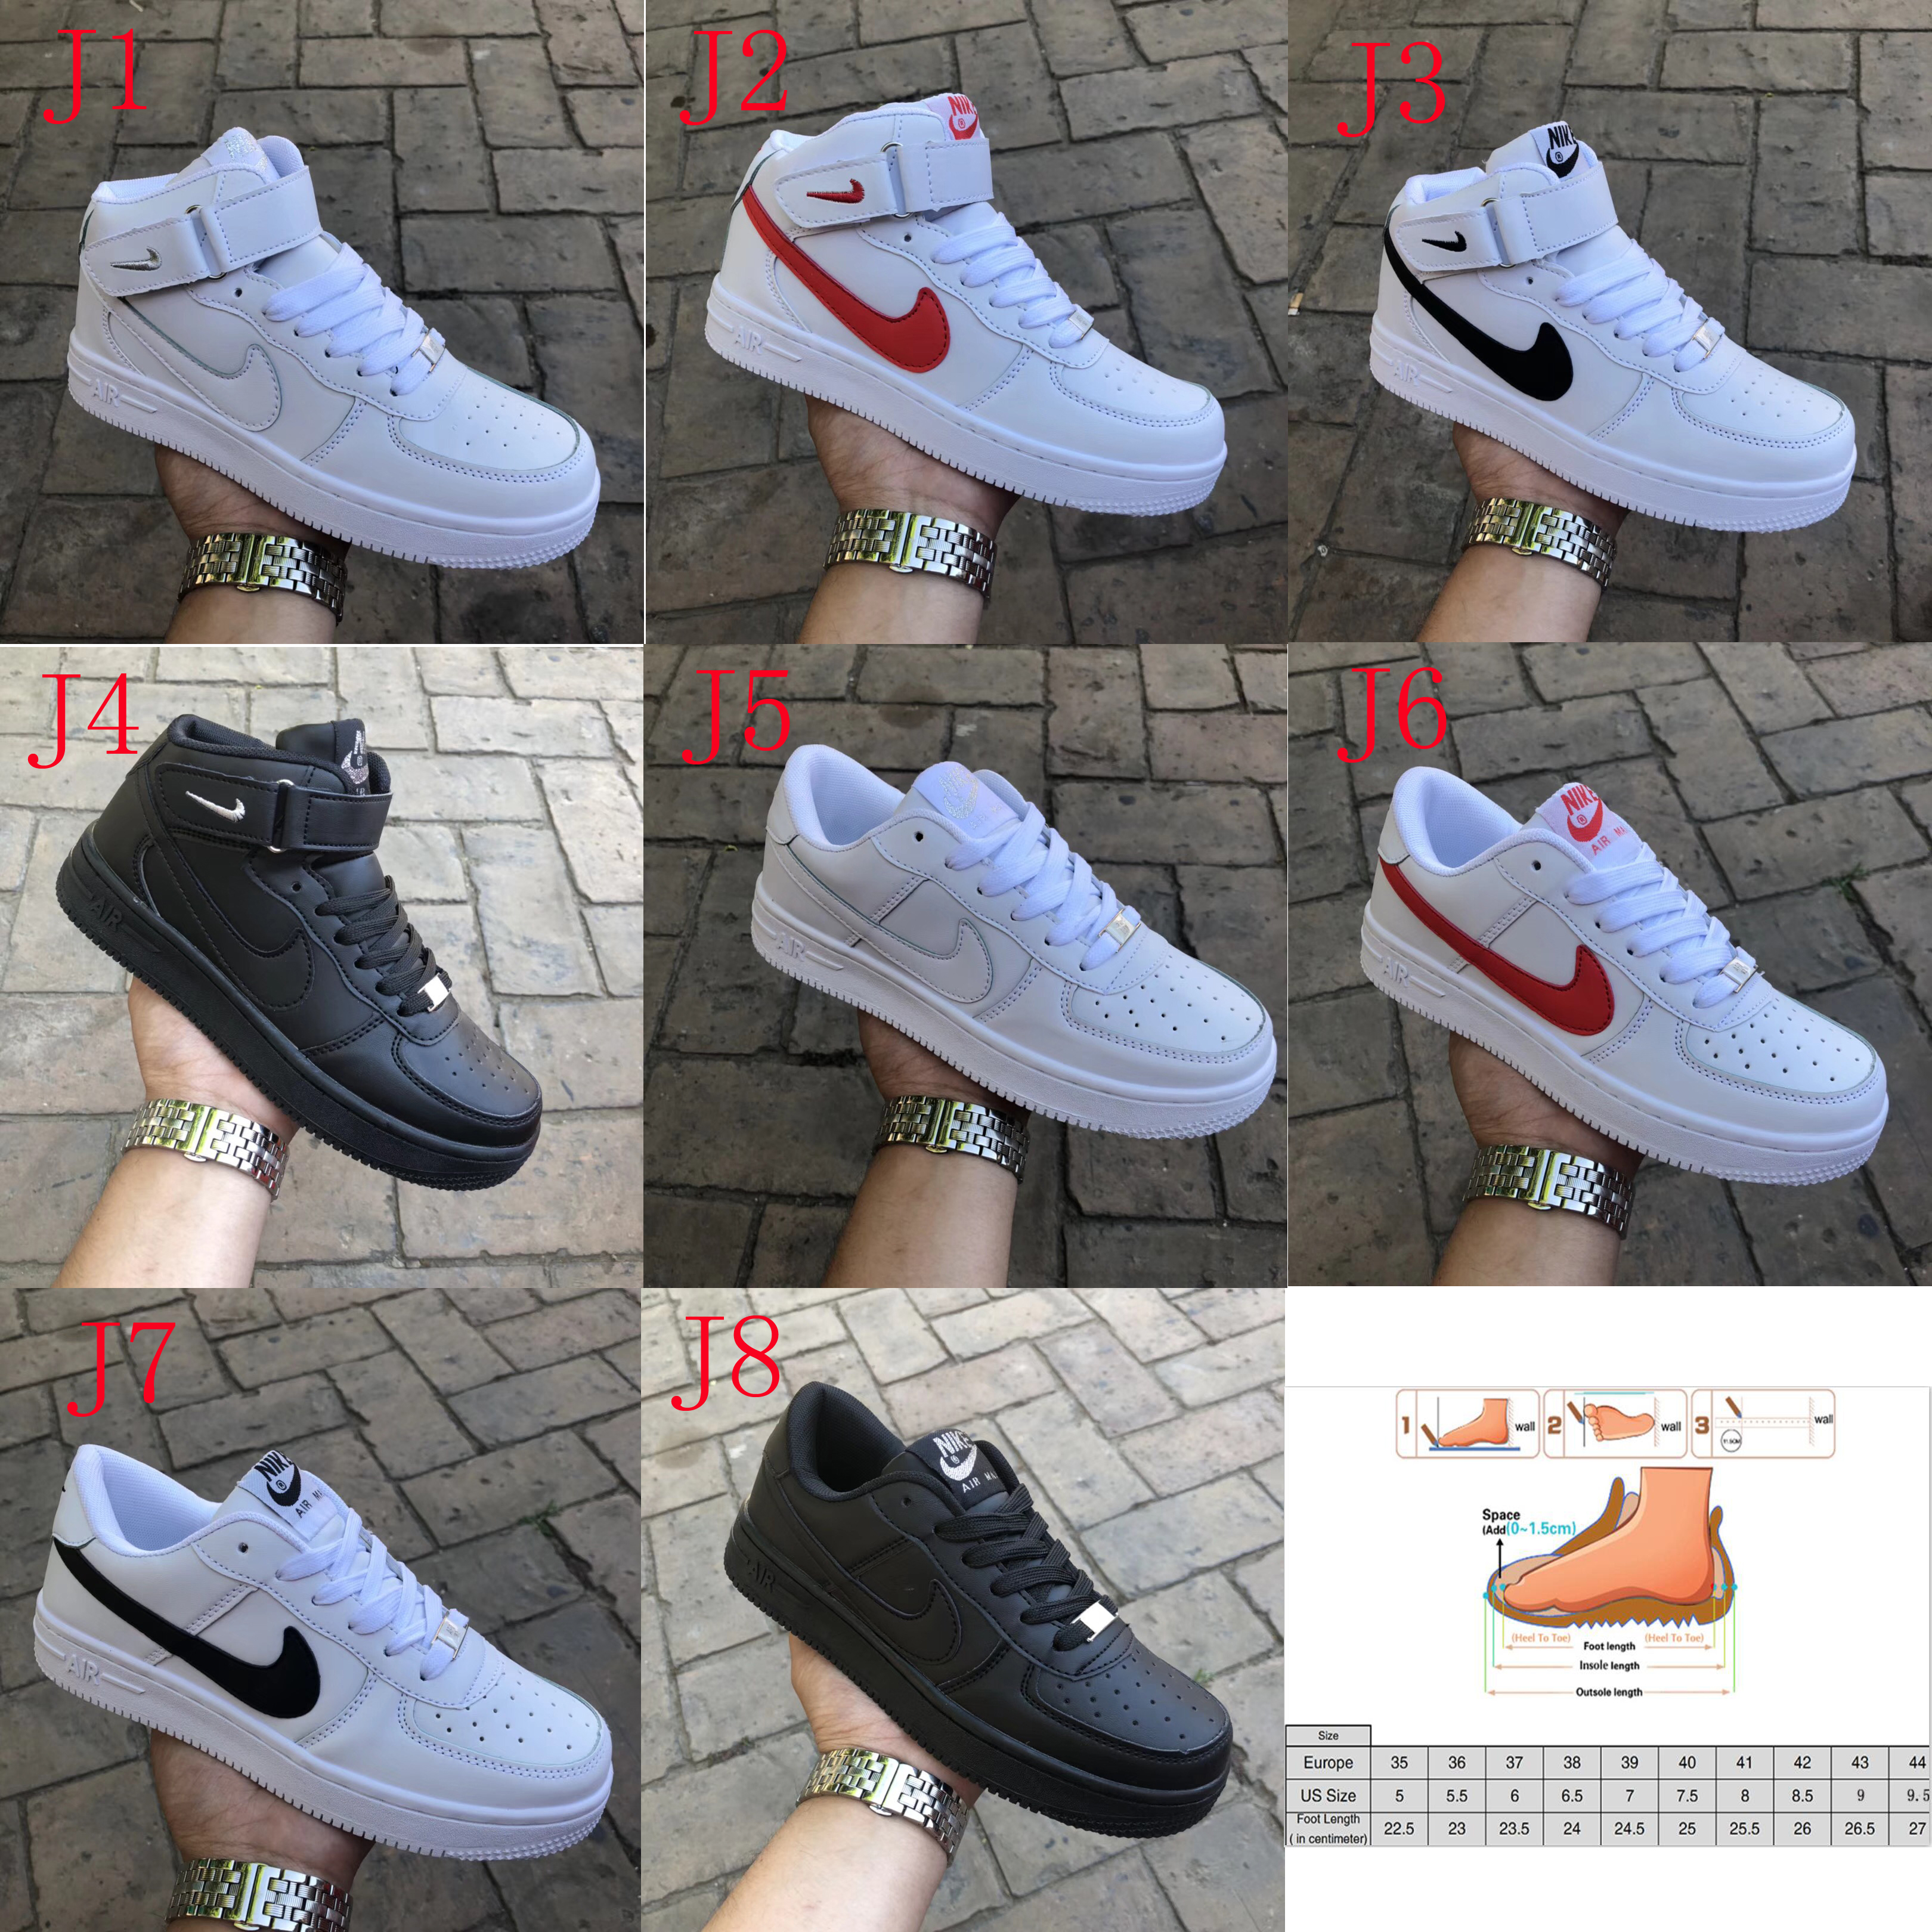 נעליי ספורט, נעלי ספור, נעלי ספורט של NIKE, נעליי ספורט של נייק, נעליי ספורט לגברים, נעלי ספור לנשים